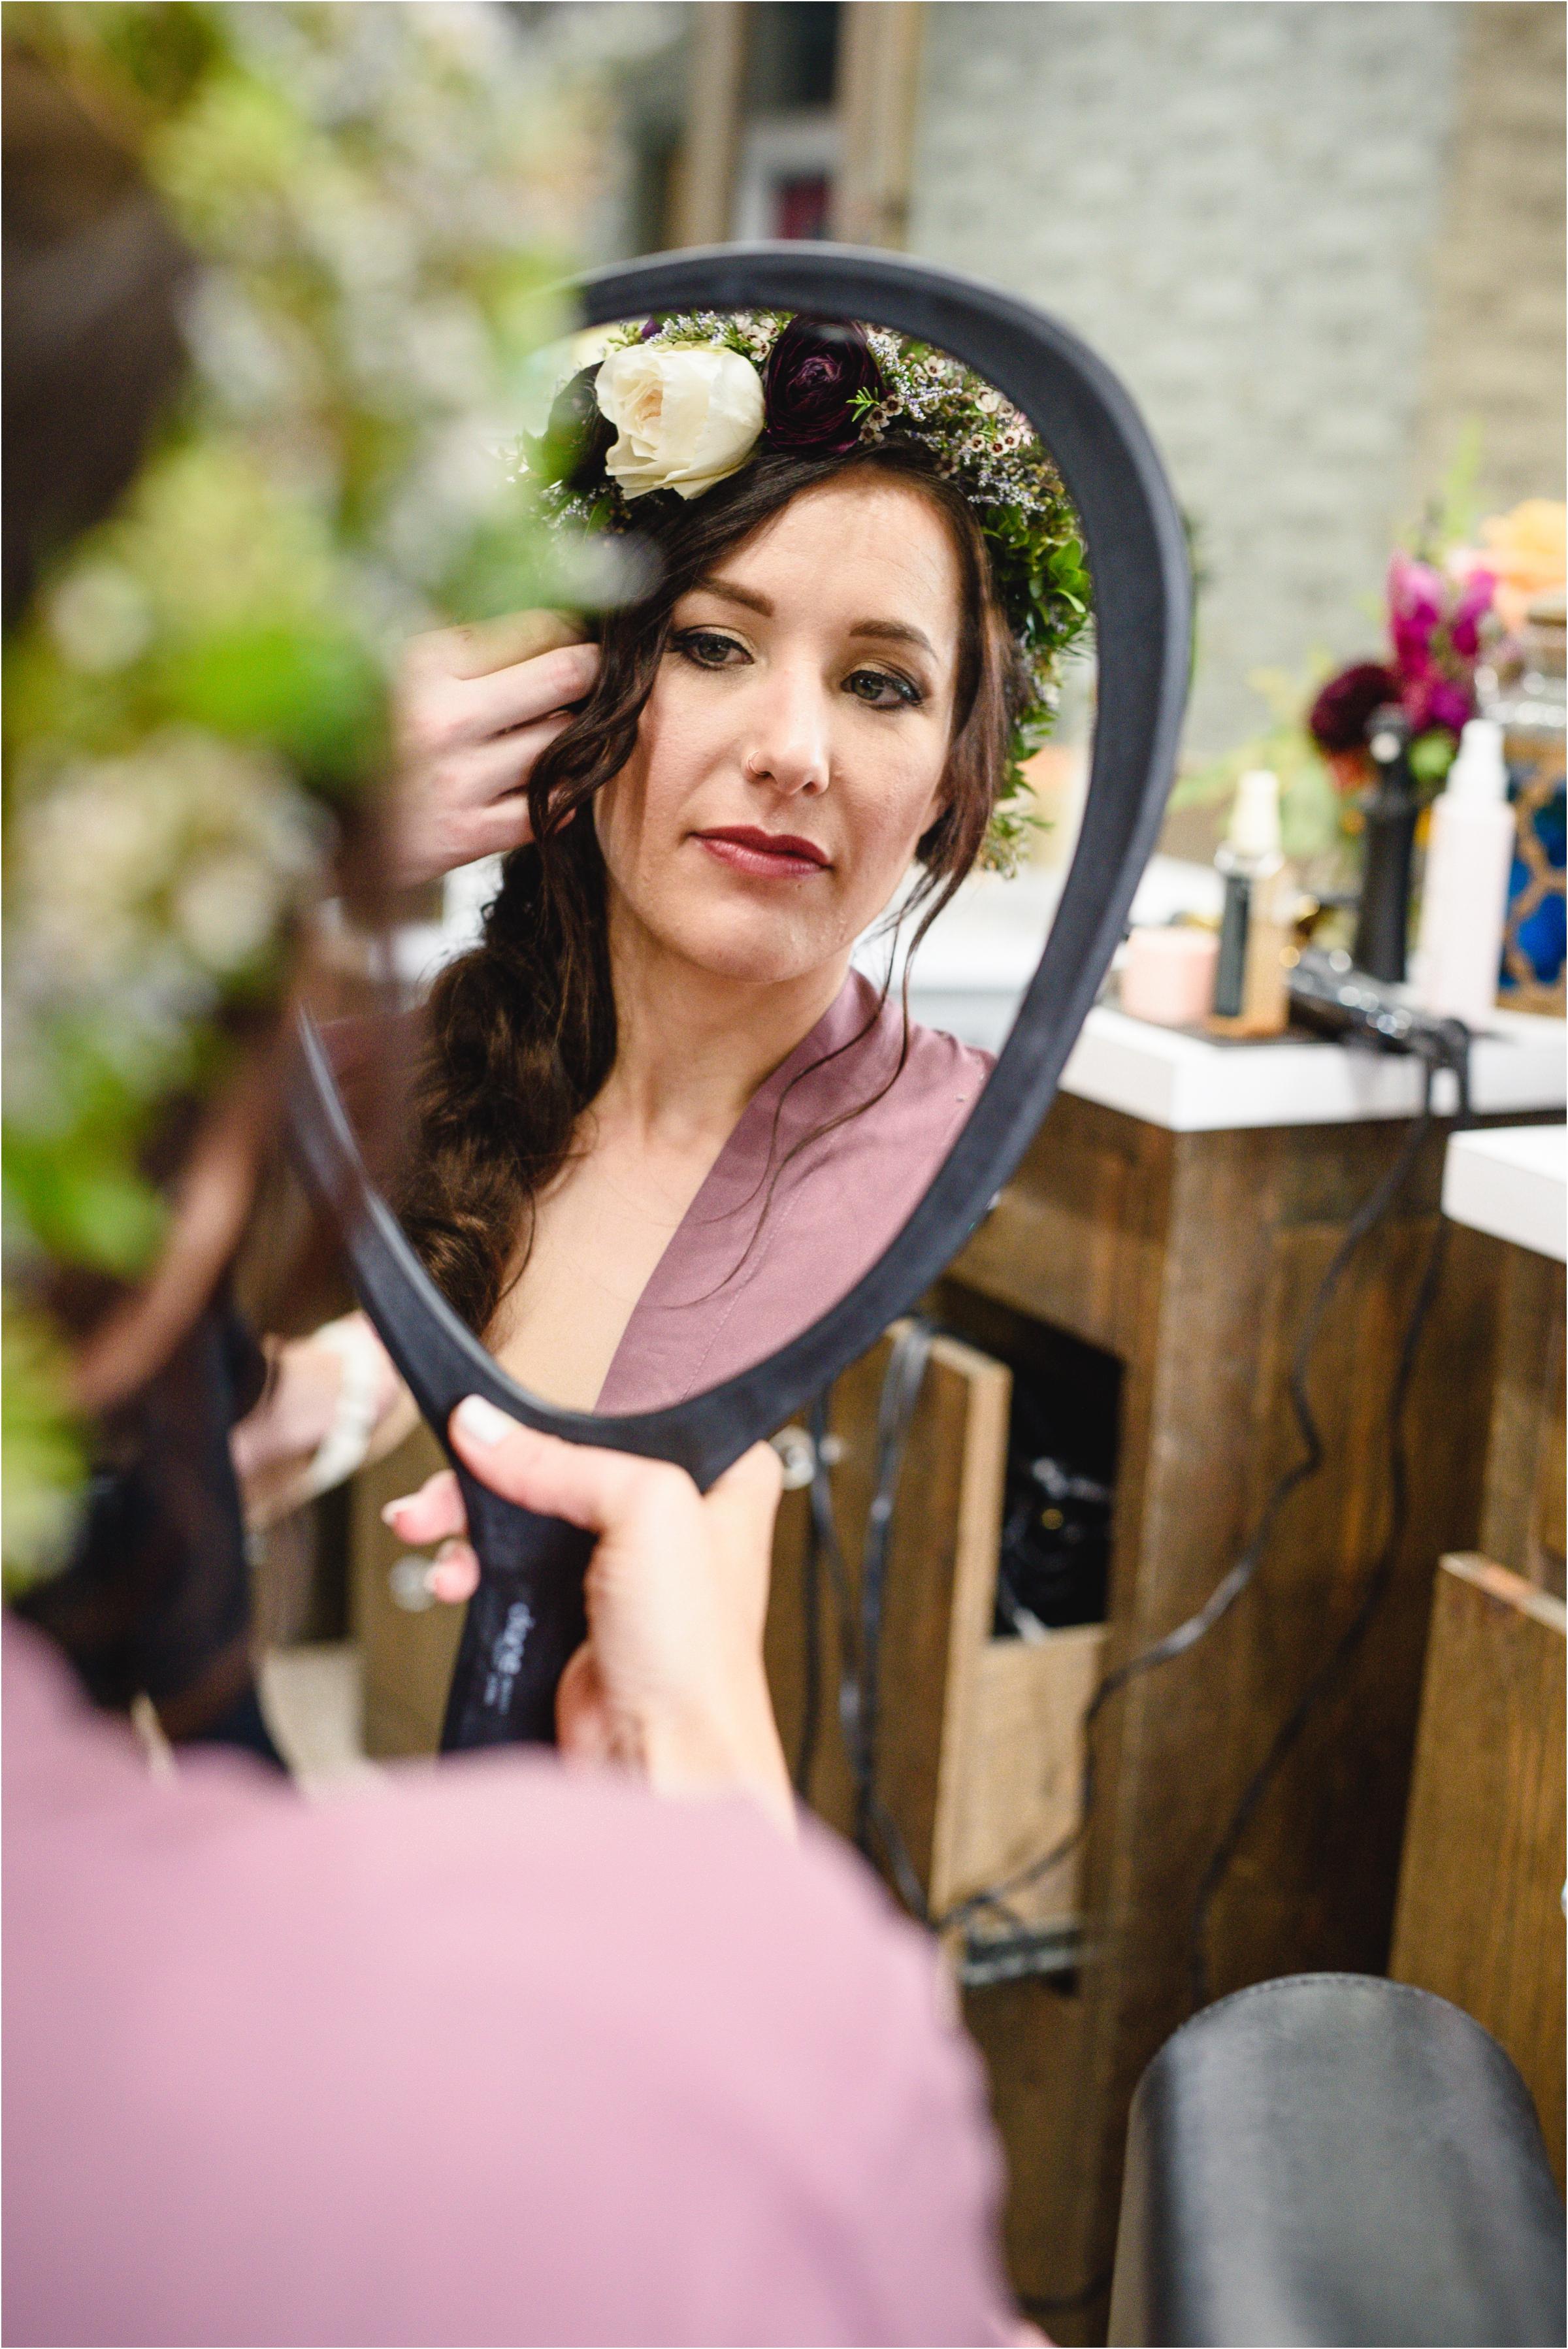 Janel-Gion-Wedding-Photographer-ShannonSteve-Sandpoint-Idaho.jpg_0002.jpg